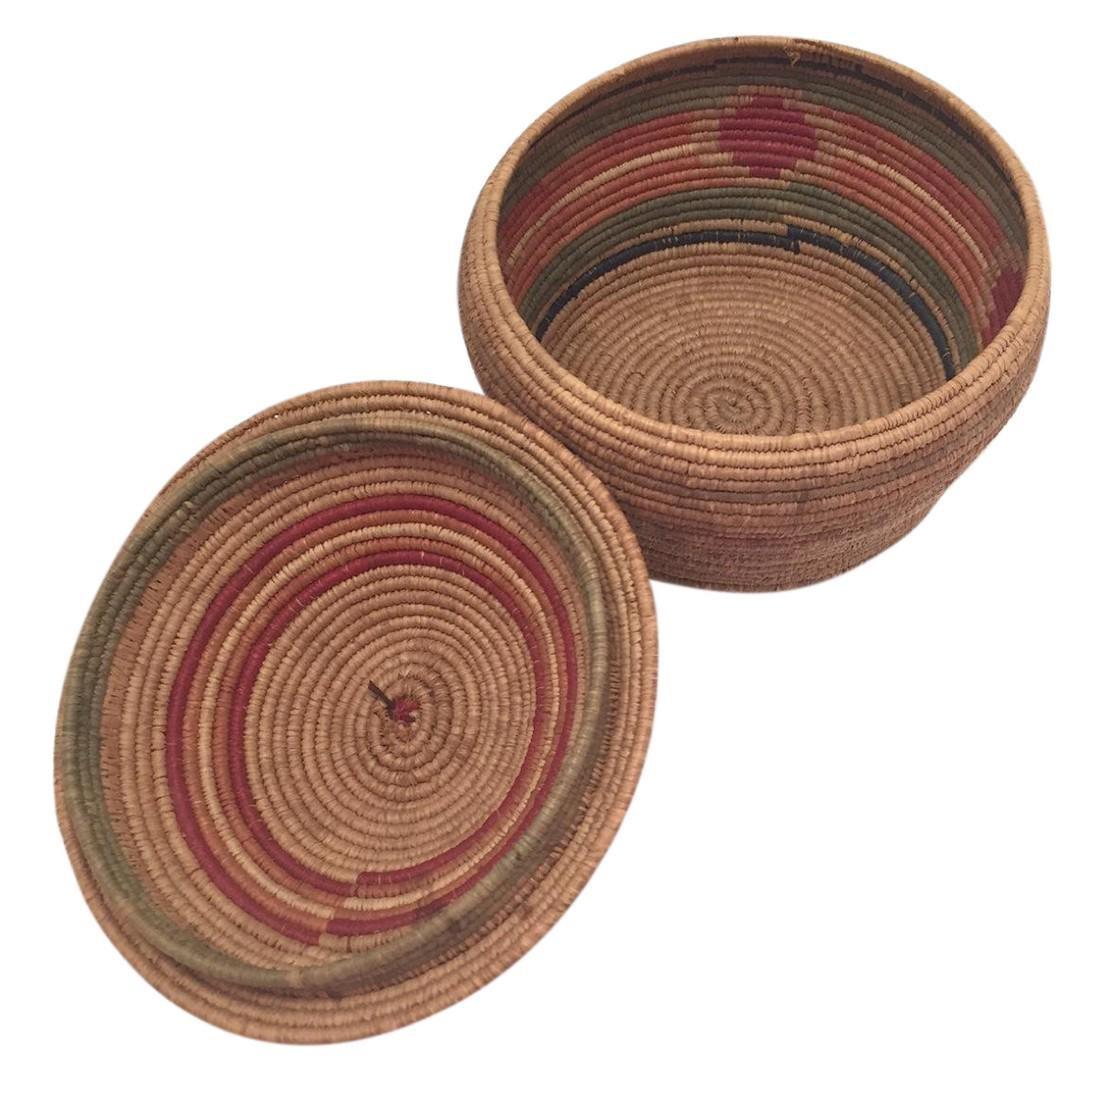 Northwest Coast Salish Lidded Coiled Basket